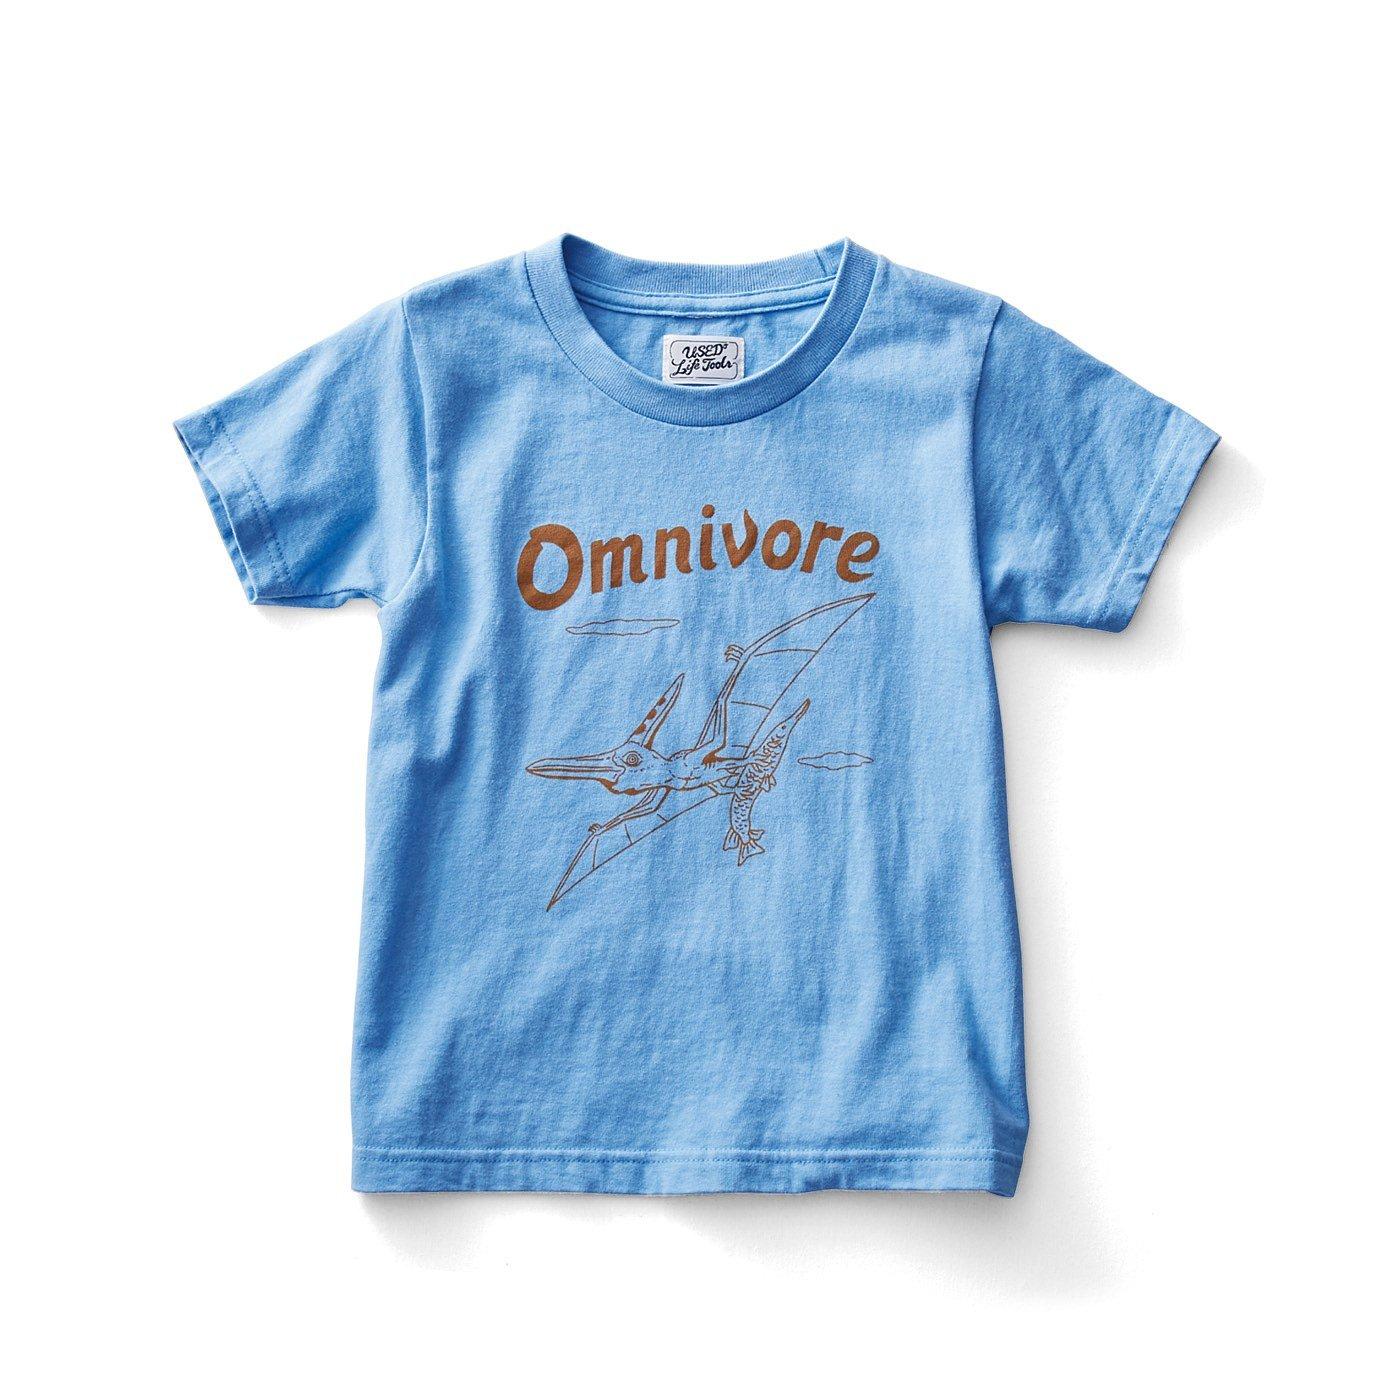 古着屋さんで見つけたような恐竜柄Tシャツ〈キッズ〉〈Omnivore 雑食動物〉